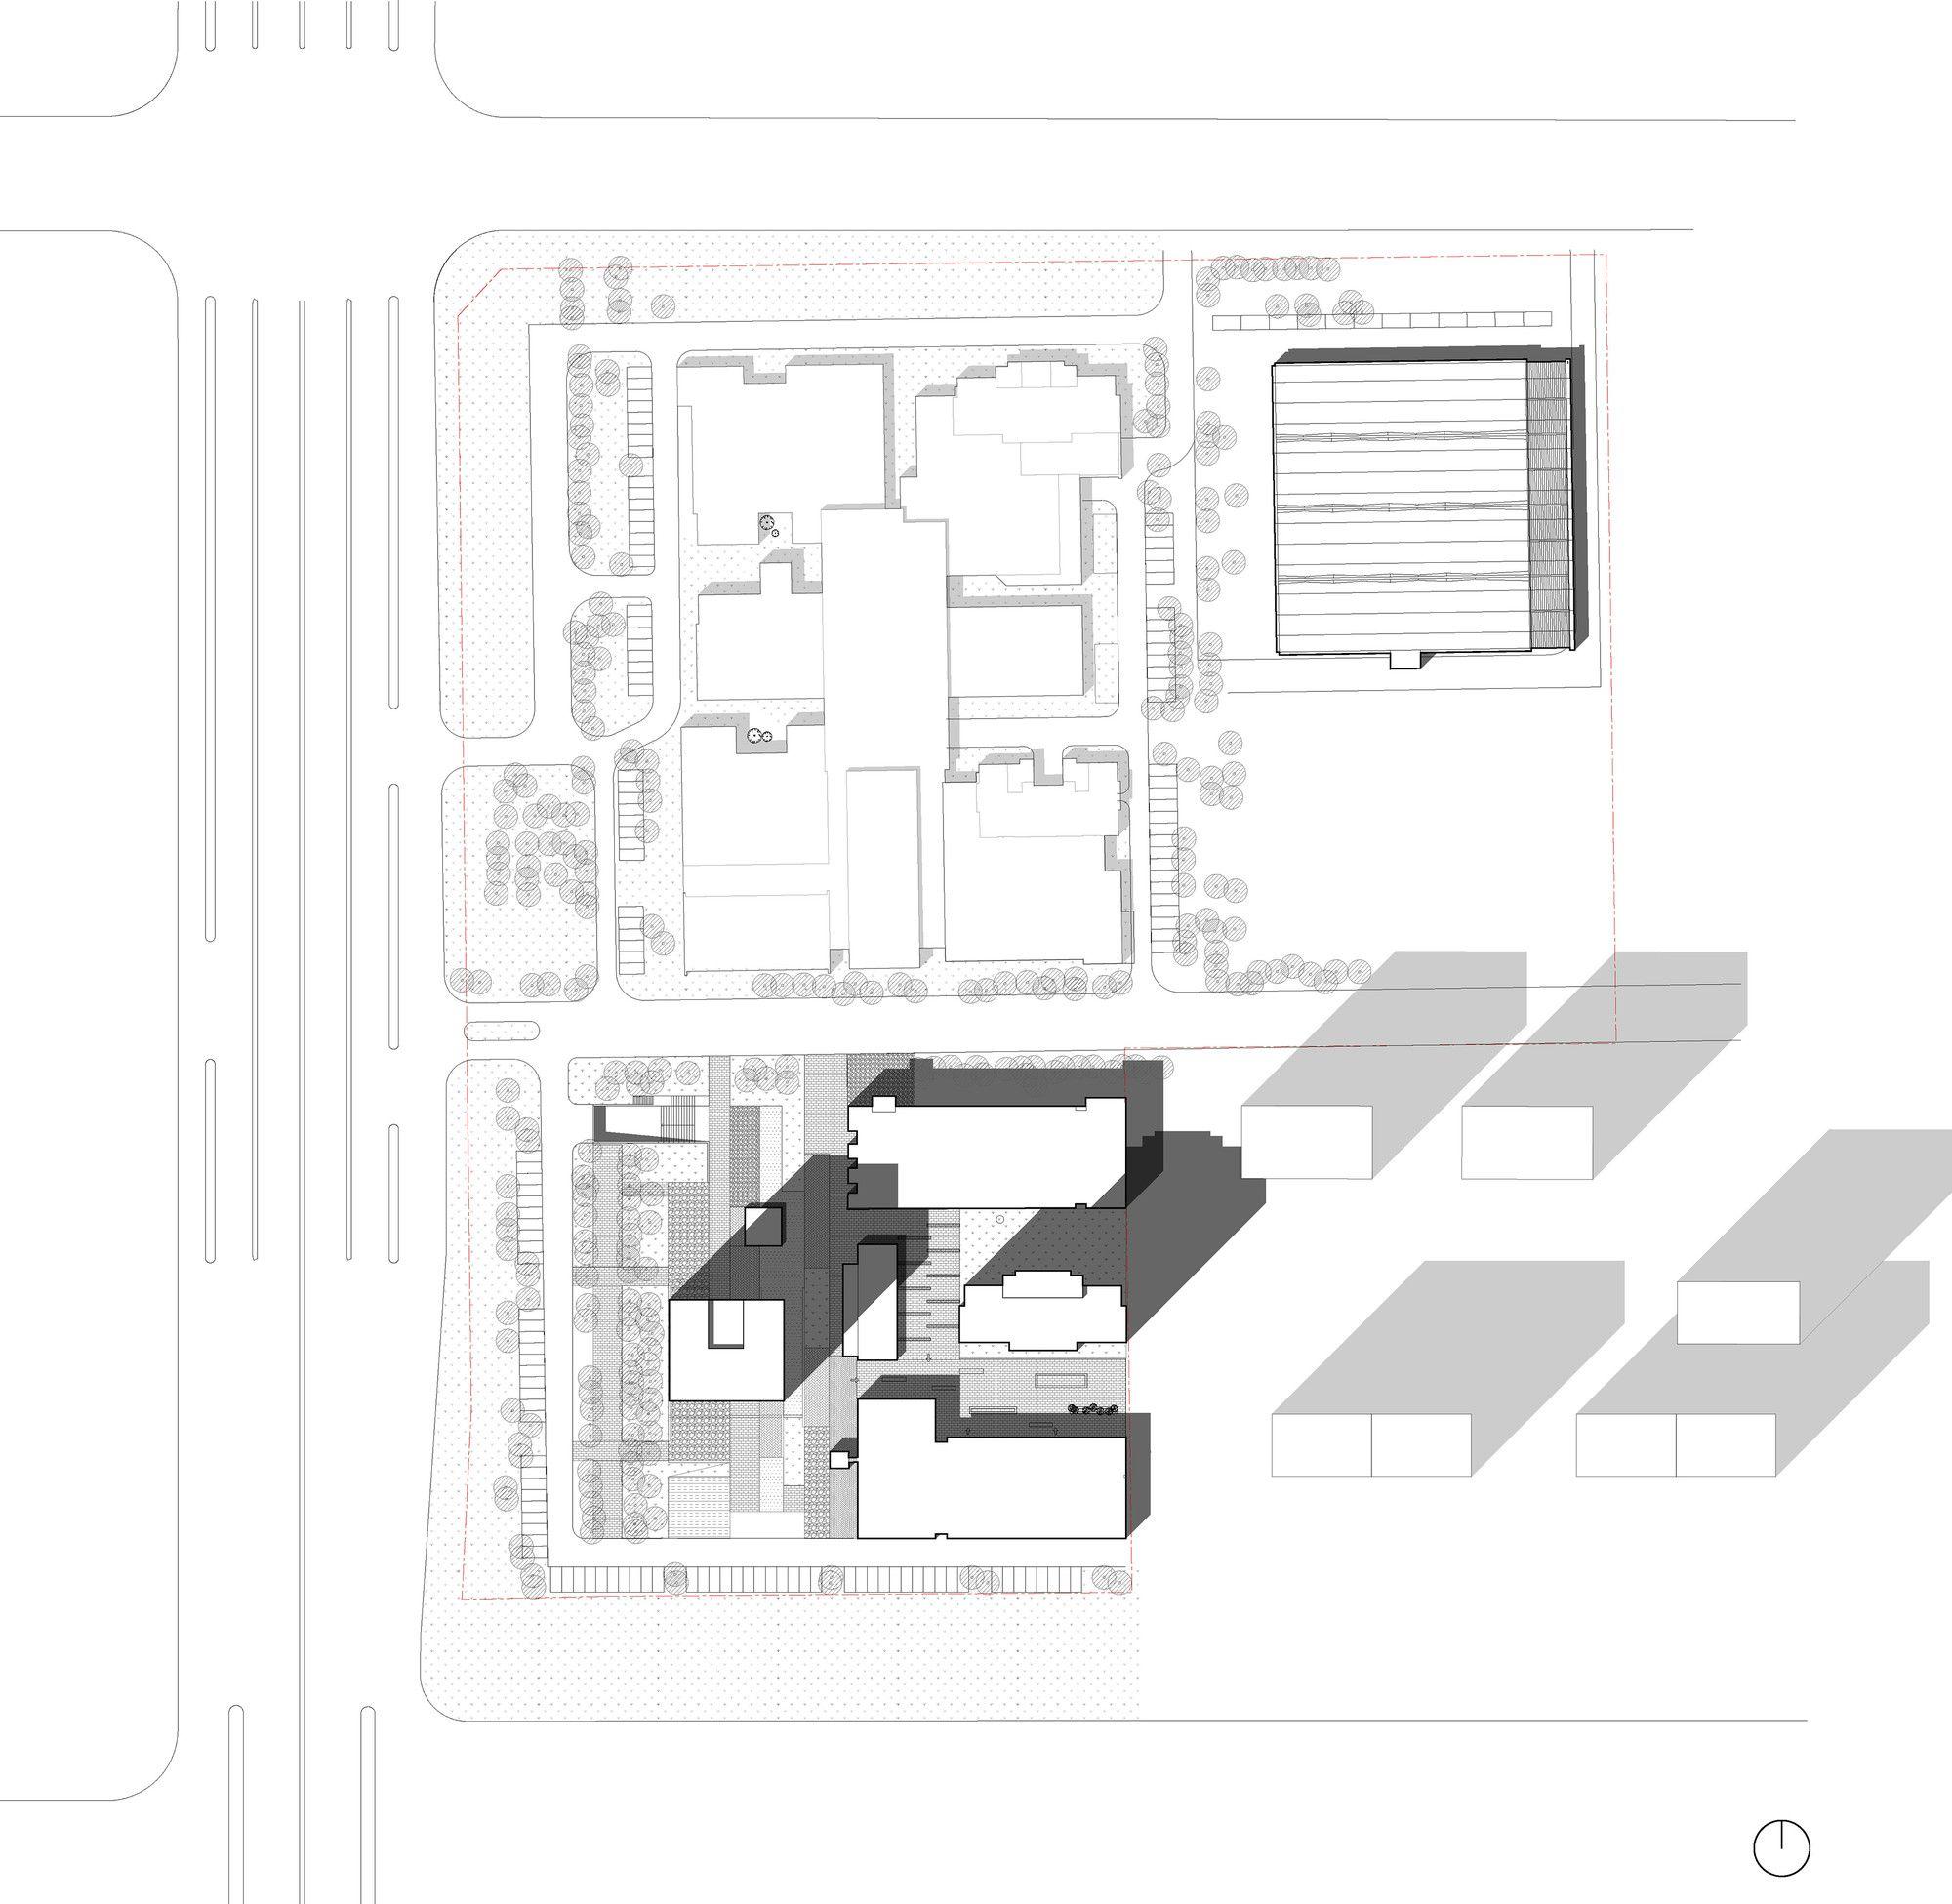 Gallery Of Diesel Engine Factory Chiasmus 8 Kubota D1105 Wiring Diagram